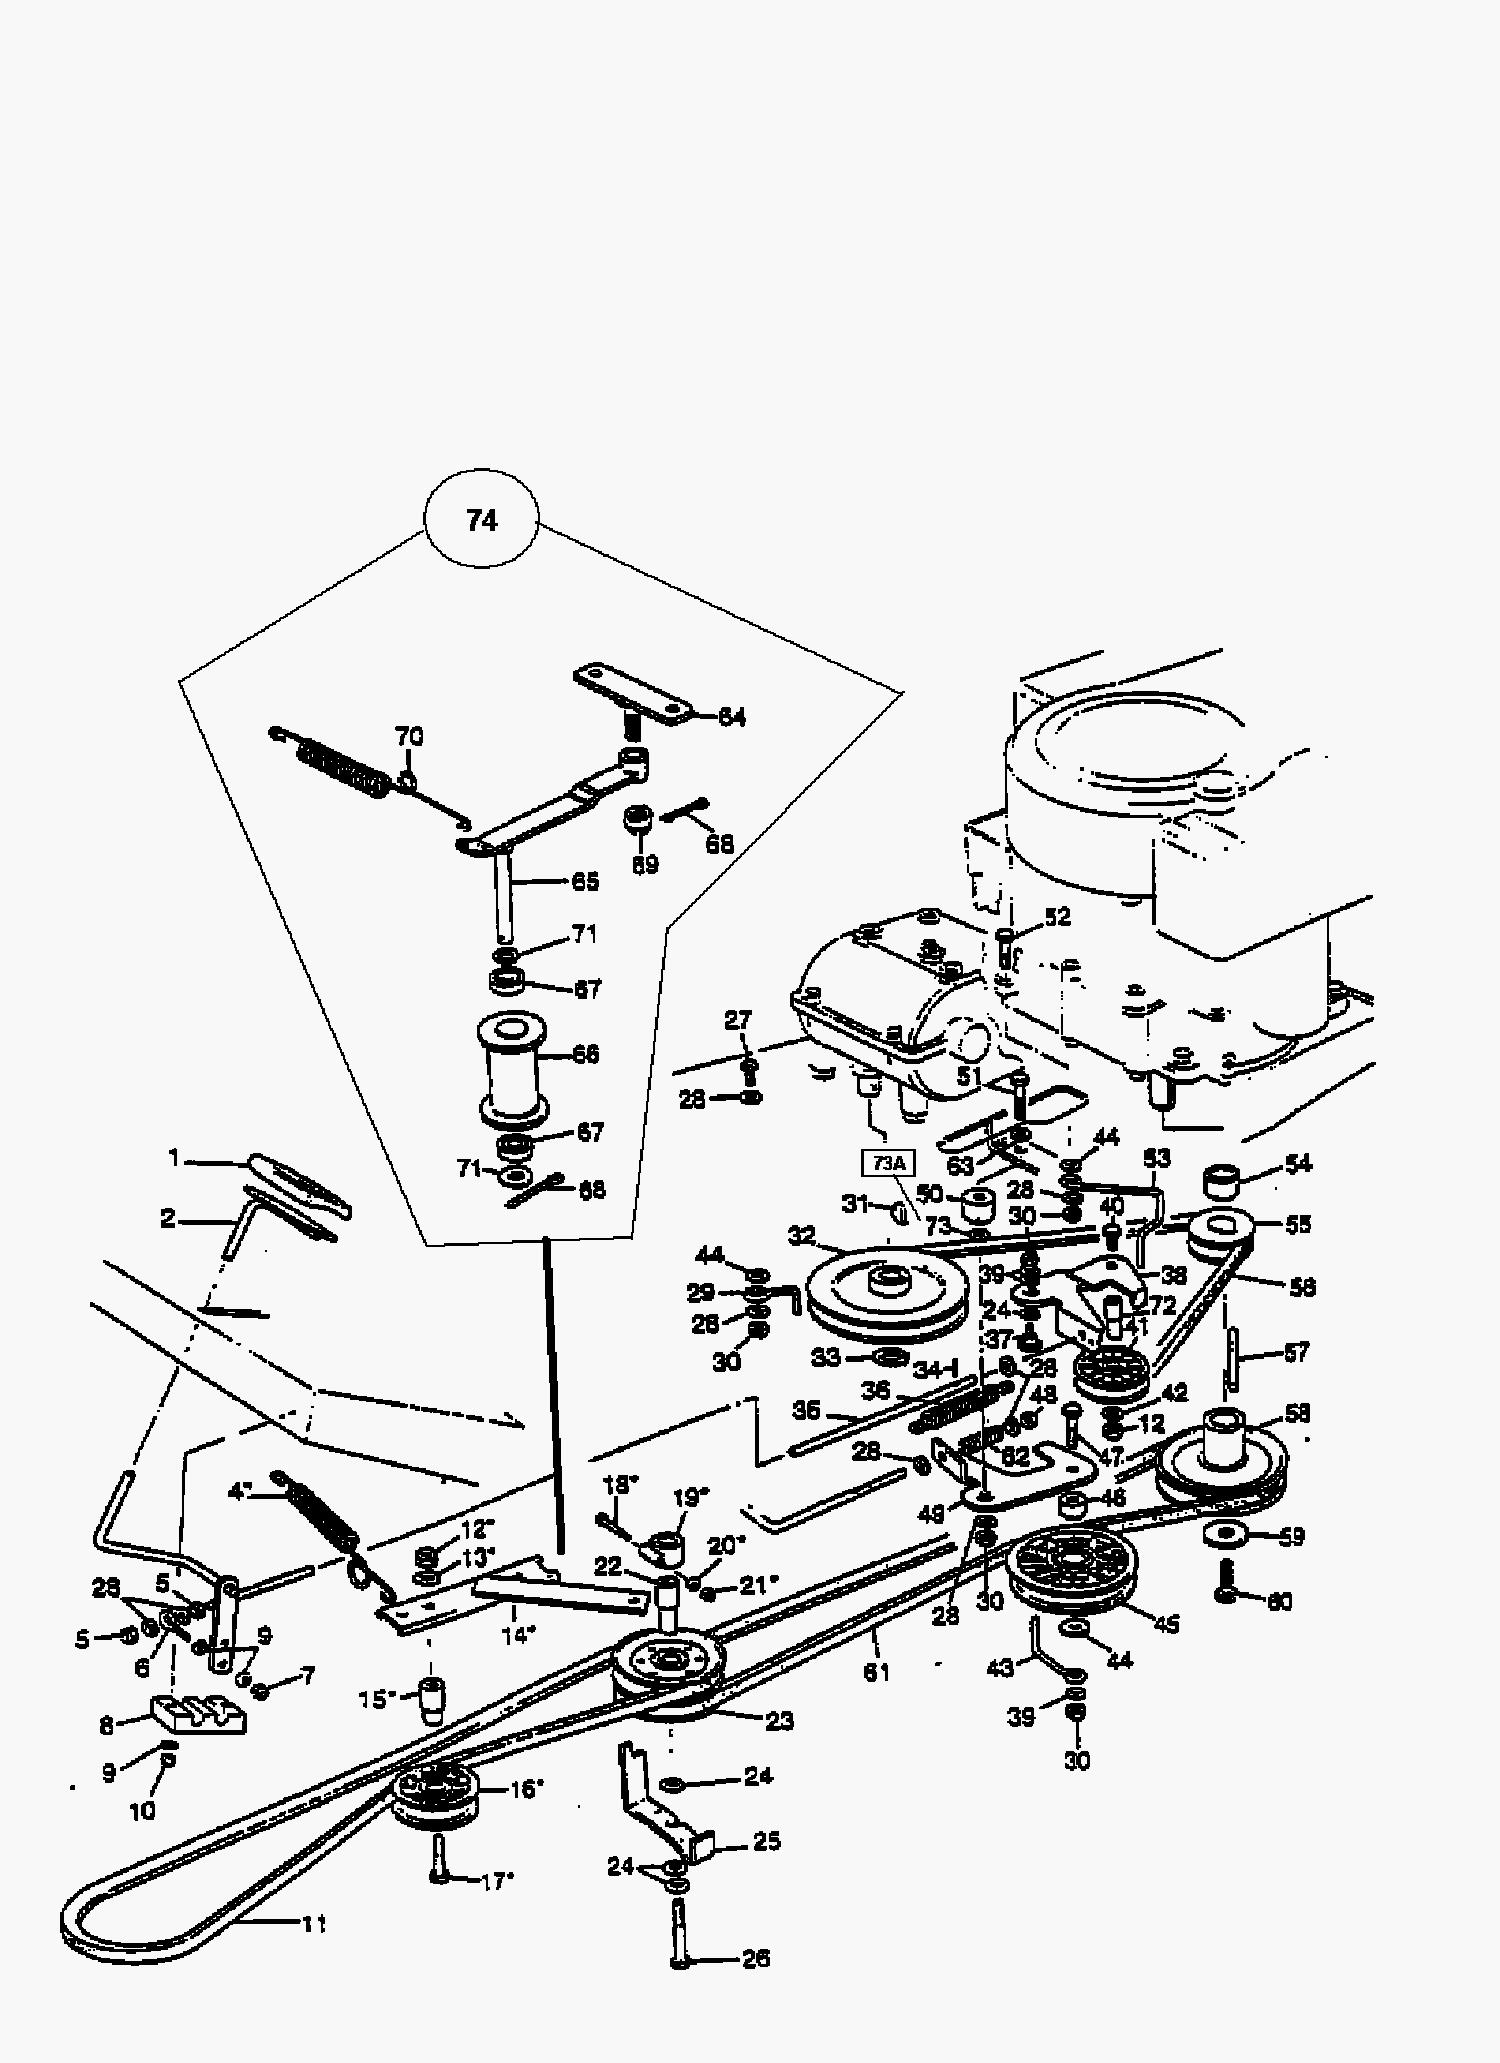 01 mustang bedradings schema